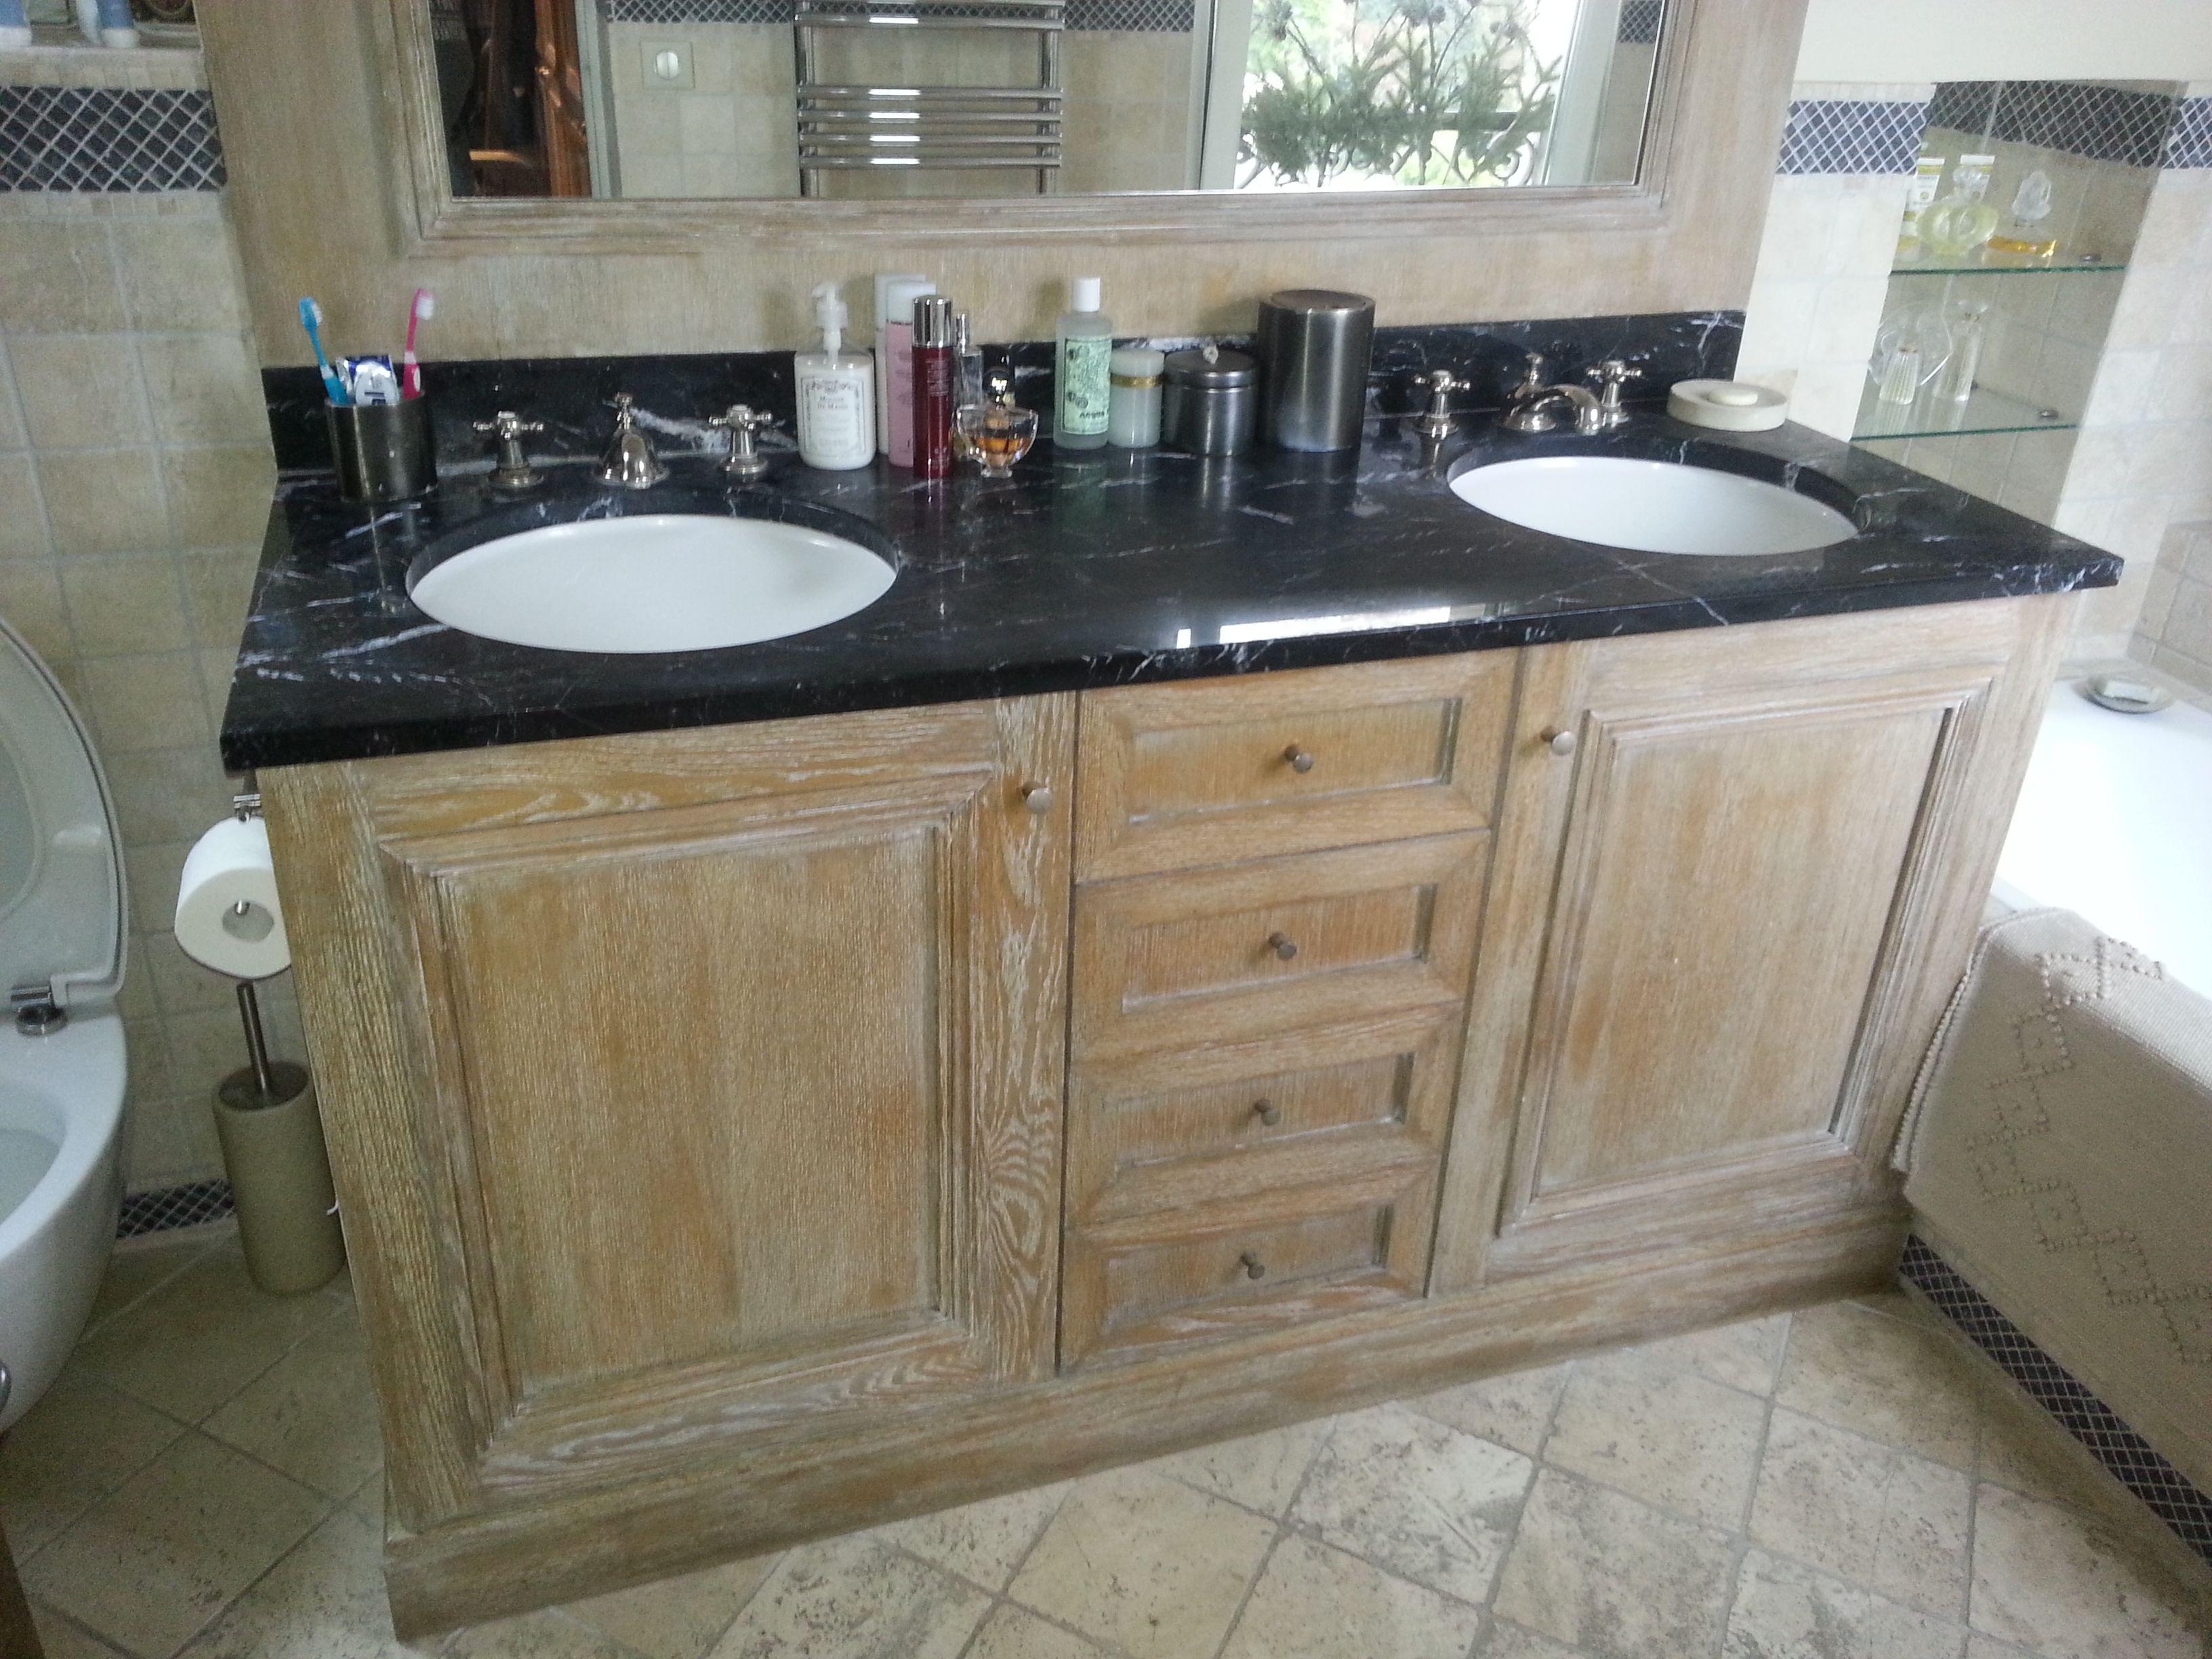 Vasque Salle De Bain Sur Plan De Travail meuble vasque en chéne ceruse,plan de travail en marbre noir